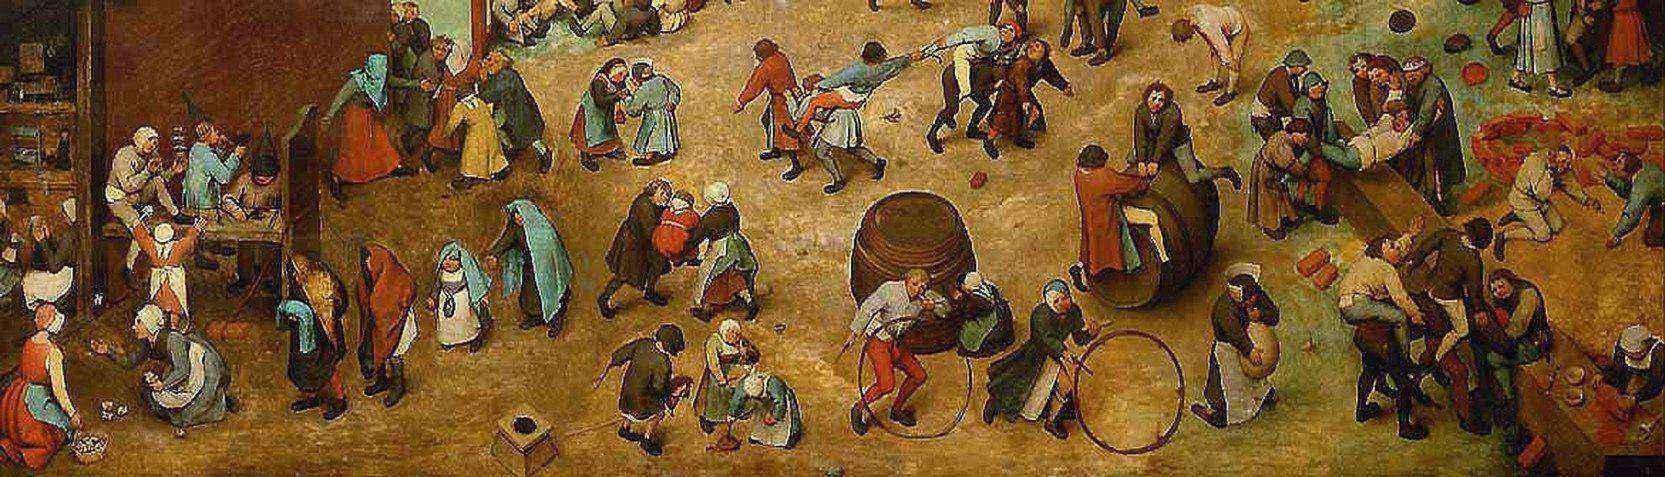 Artistas - Pieter Bruegel der Ältere